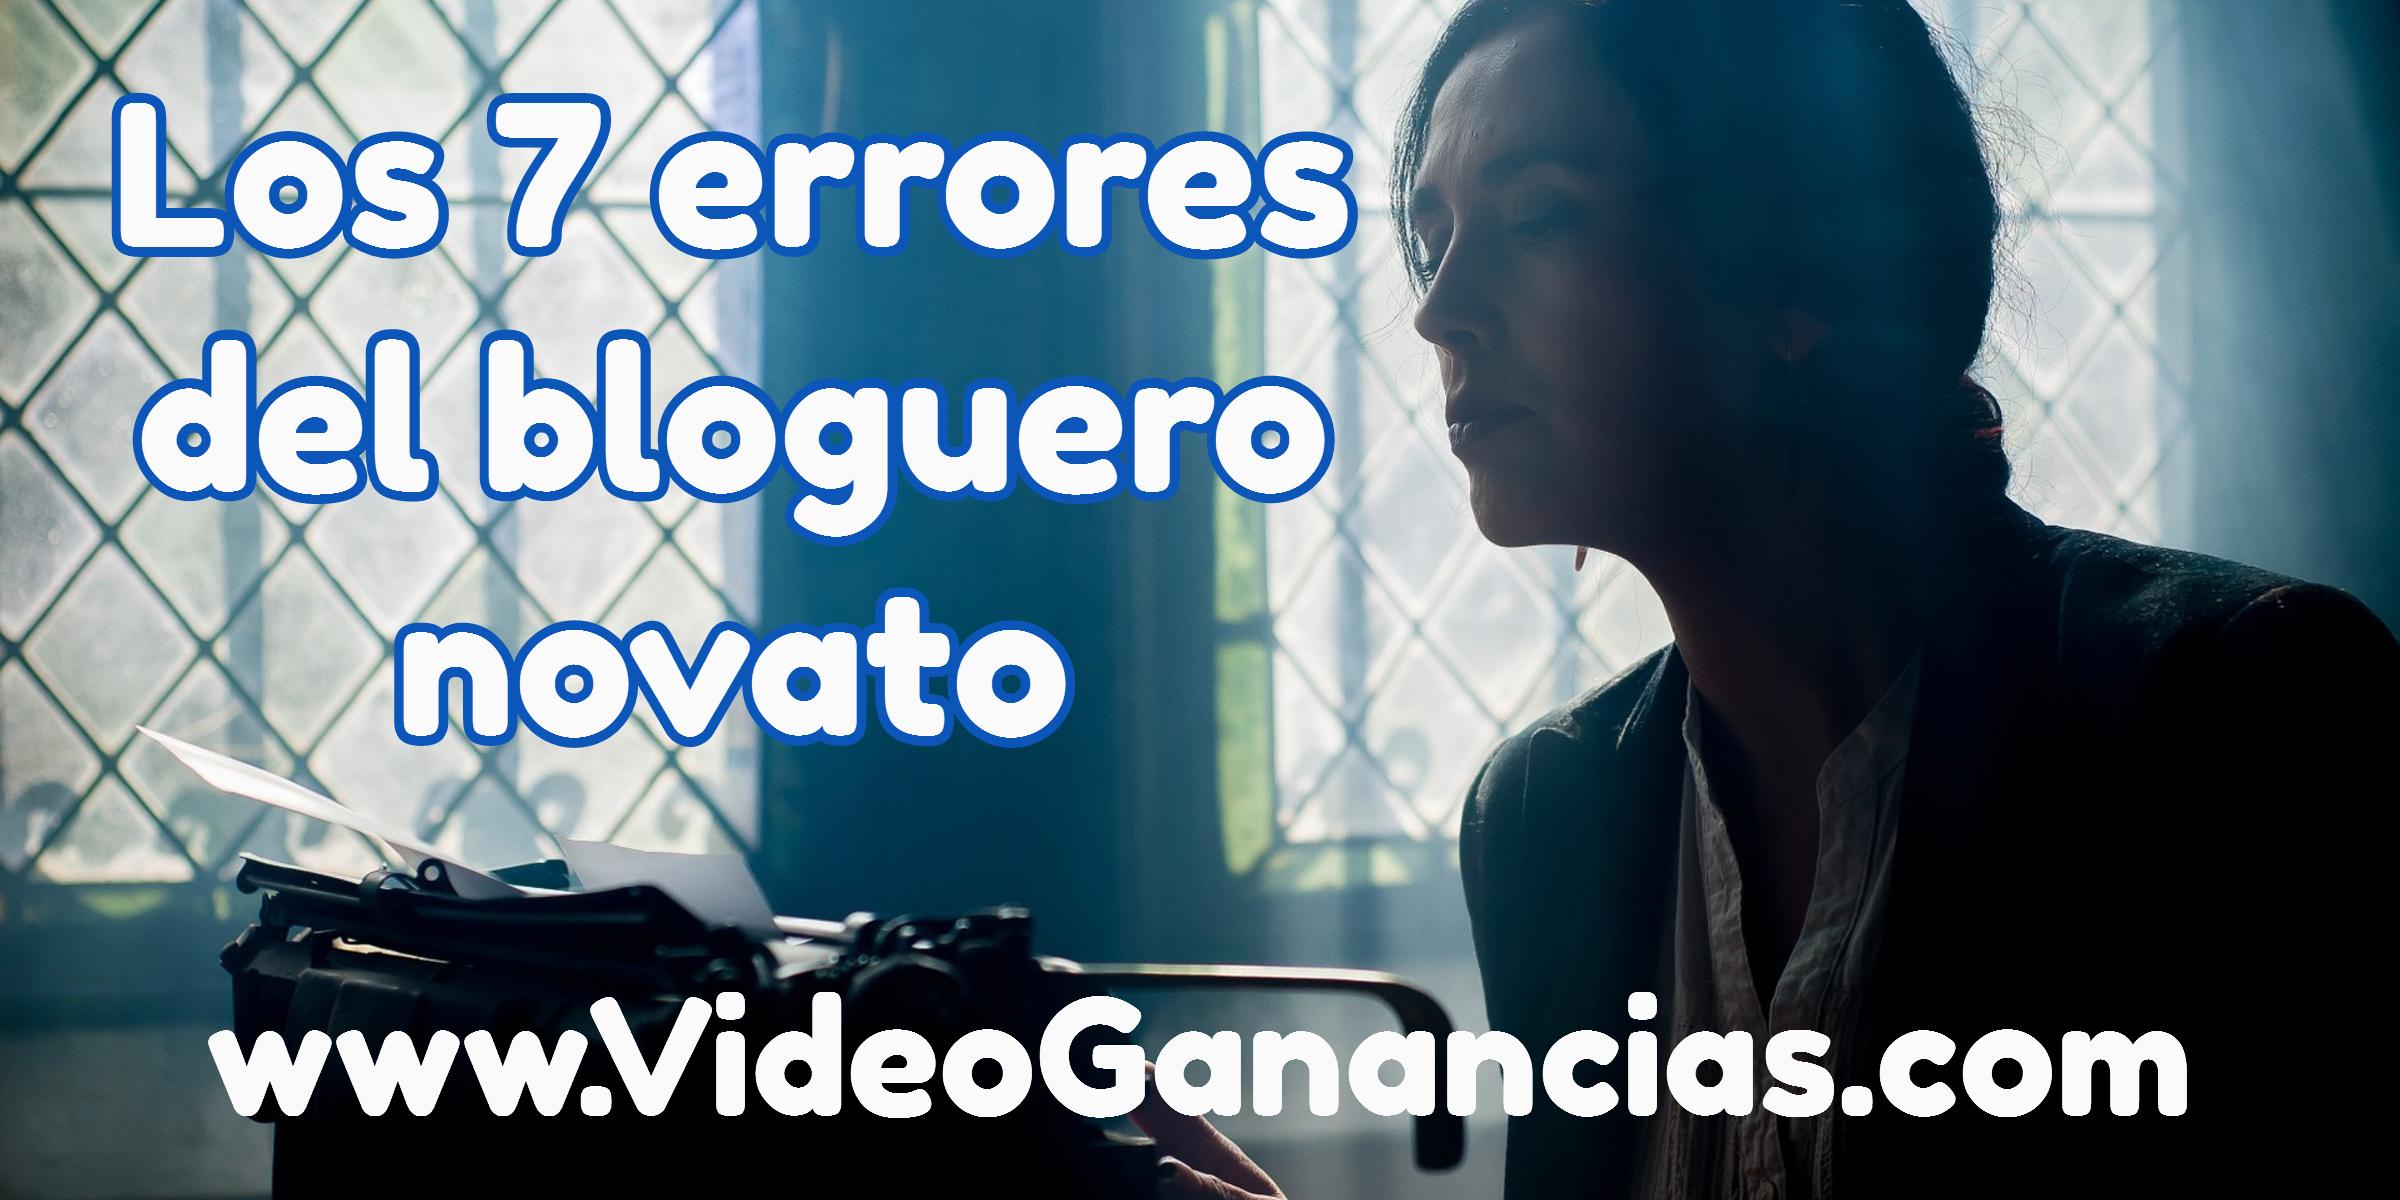 los-7-errores-del-bloguero-novato1